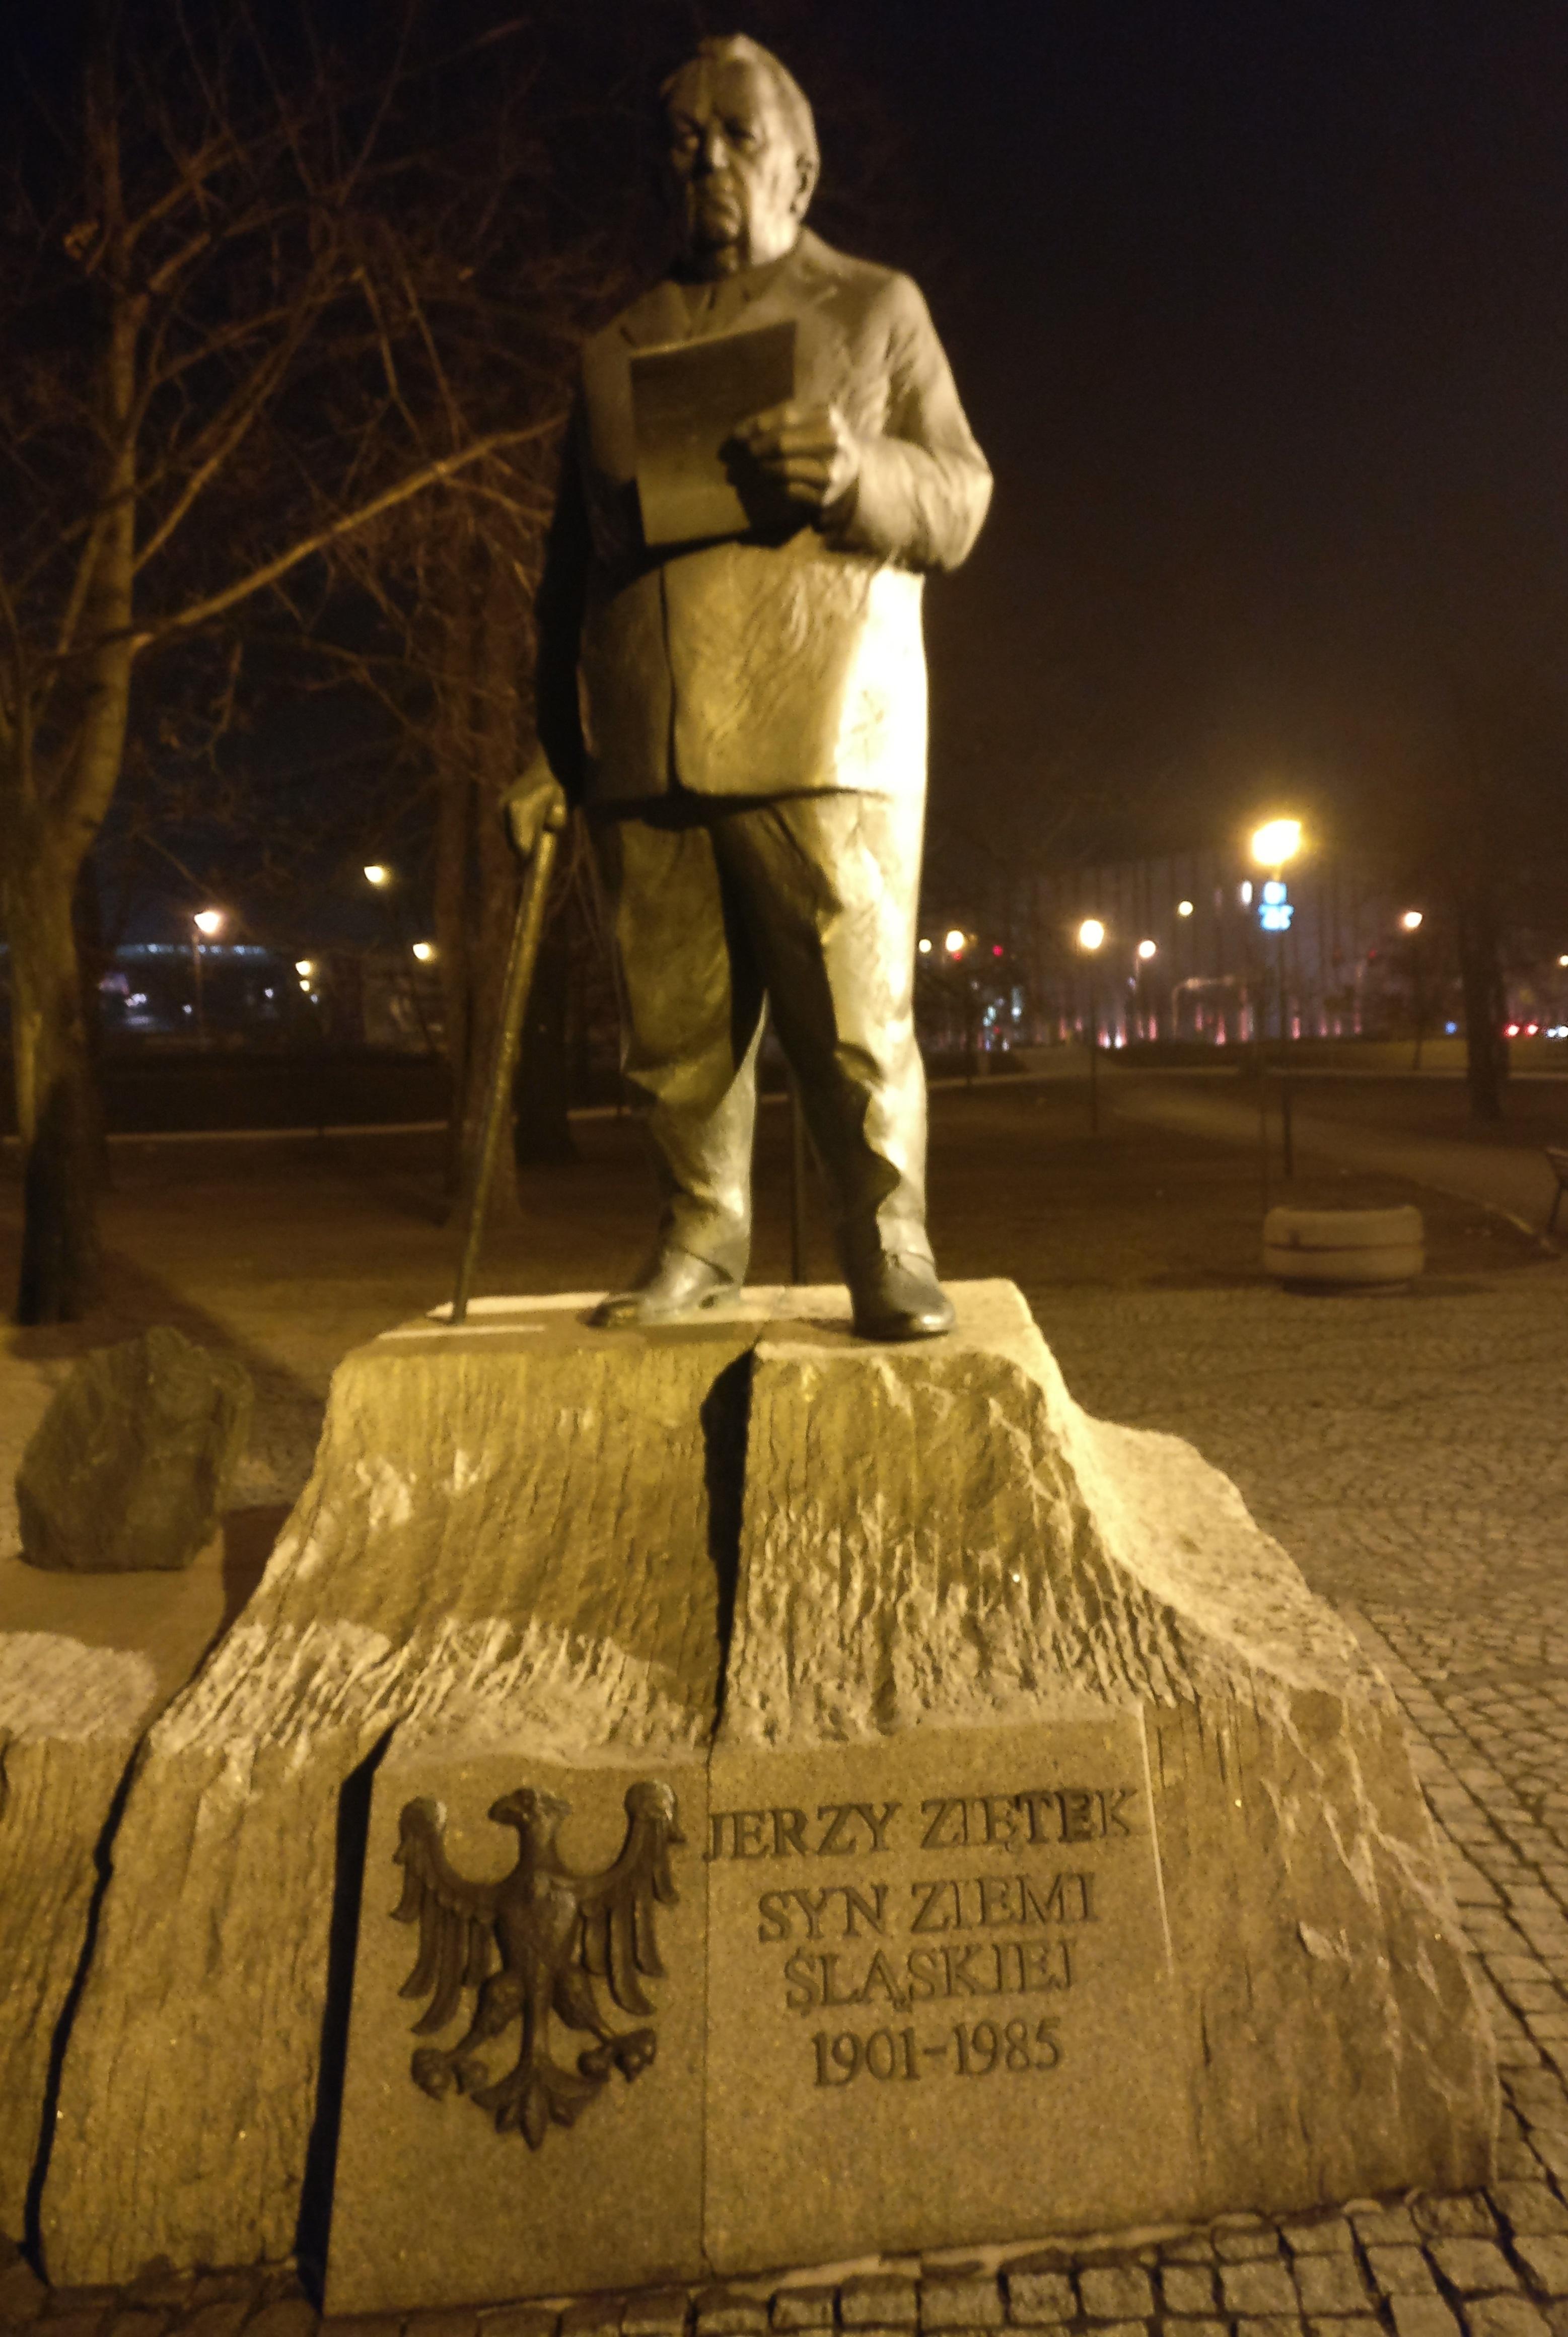 Jerzy Ziętek - Held en oud-gouverneur van Katowice